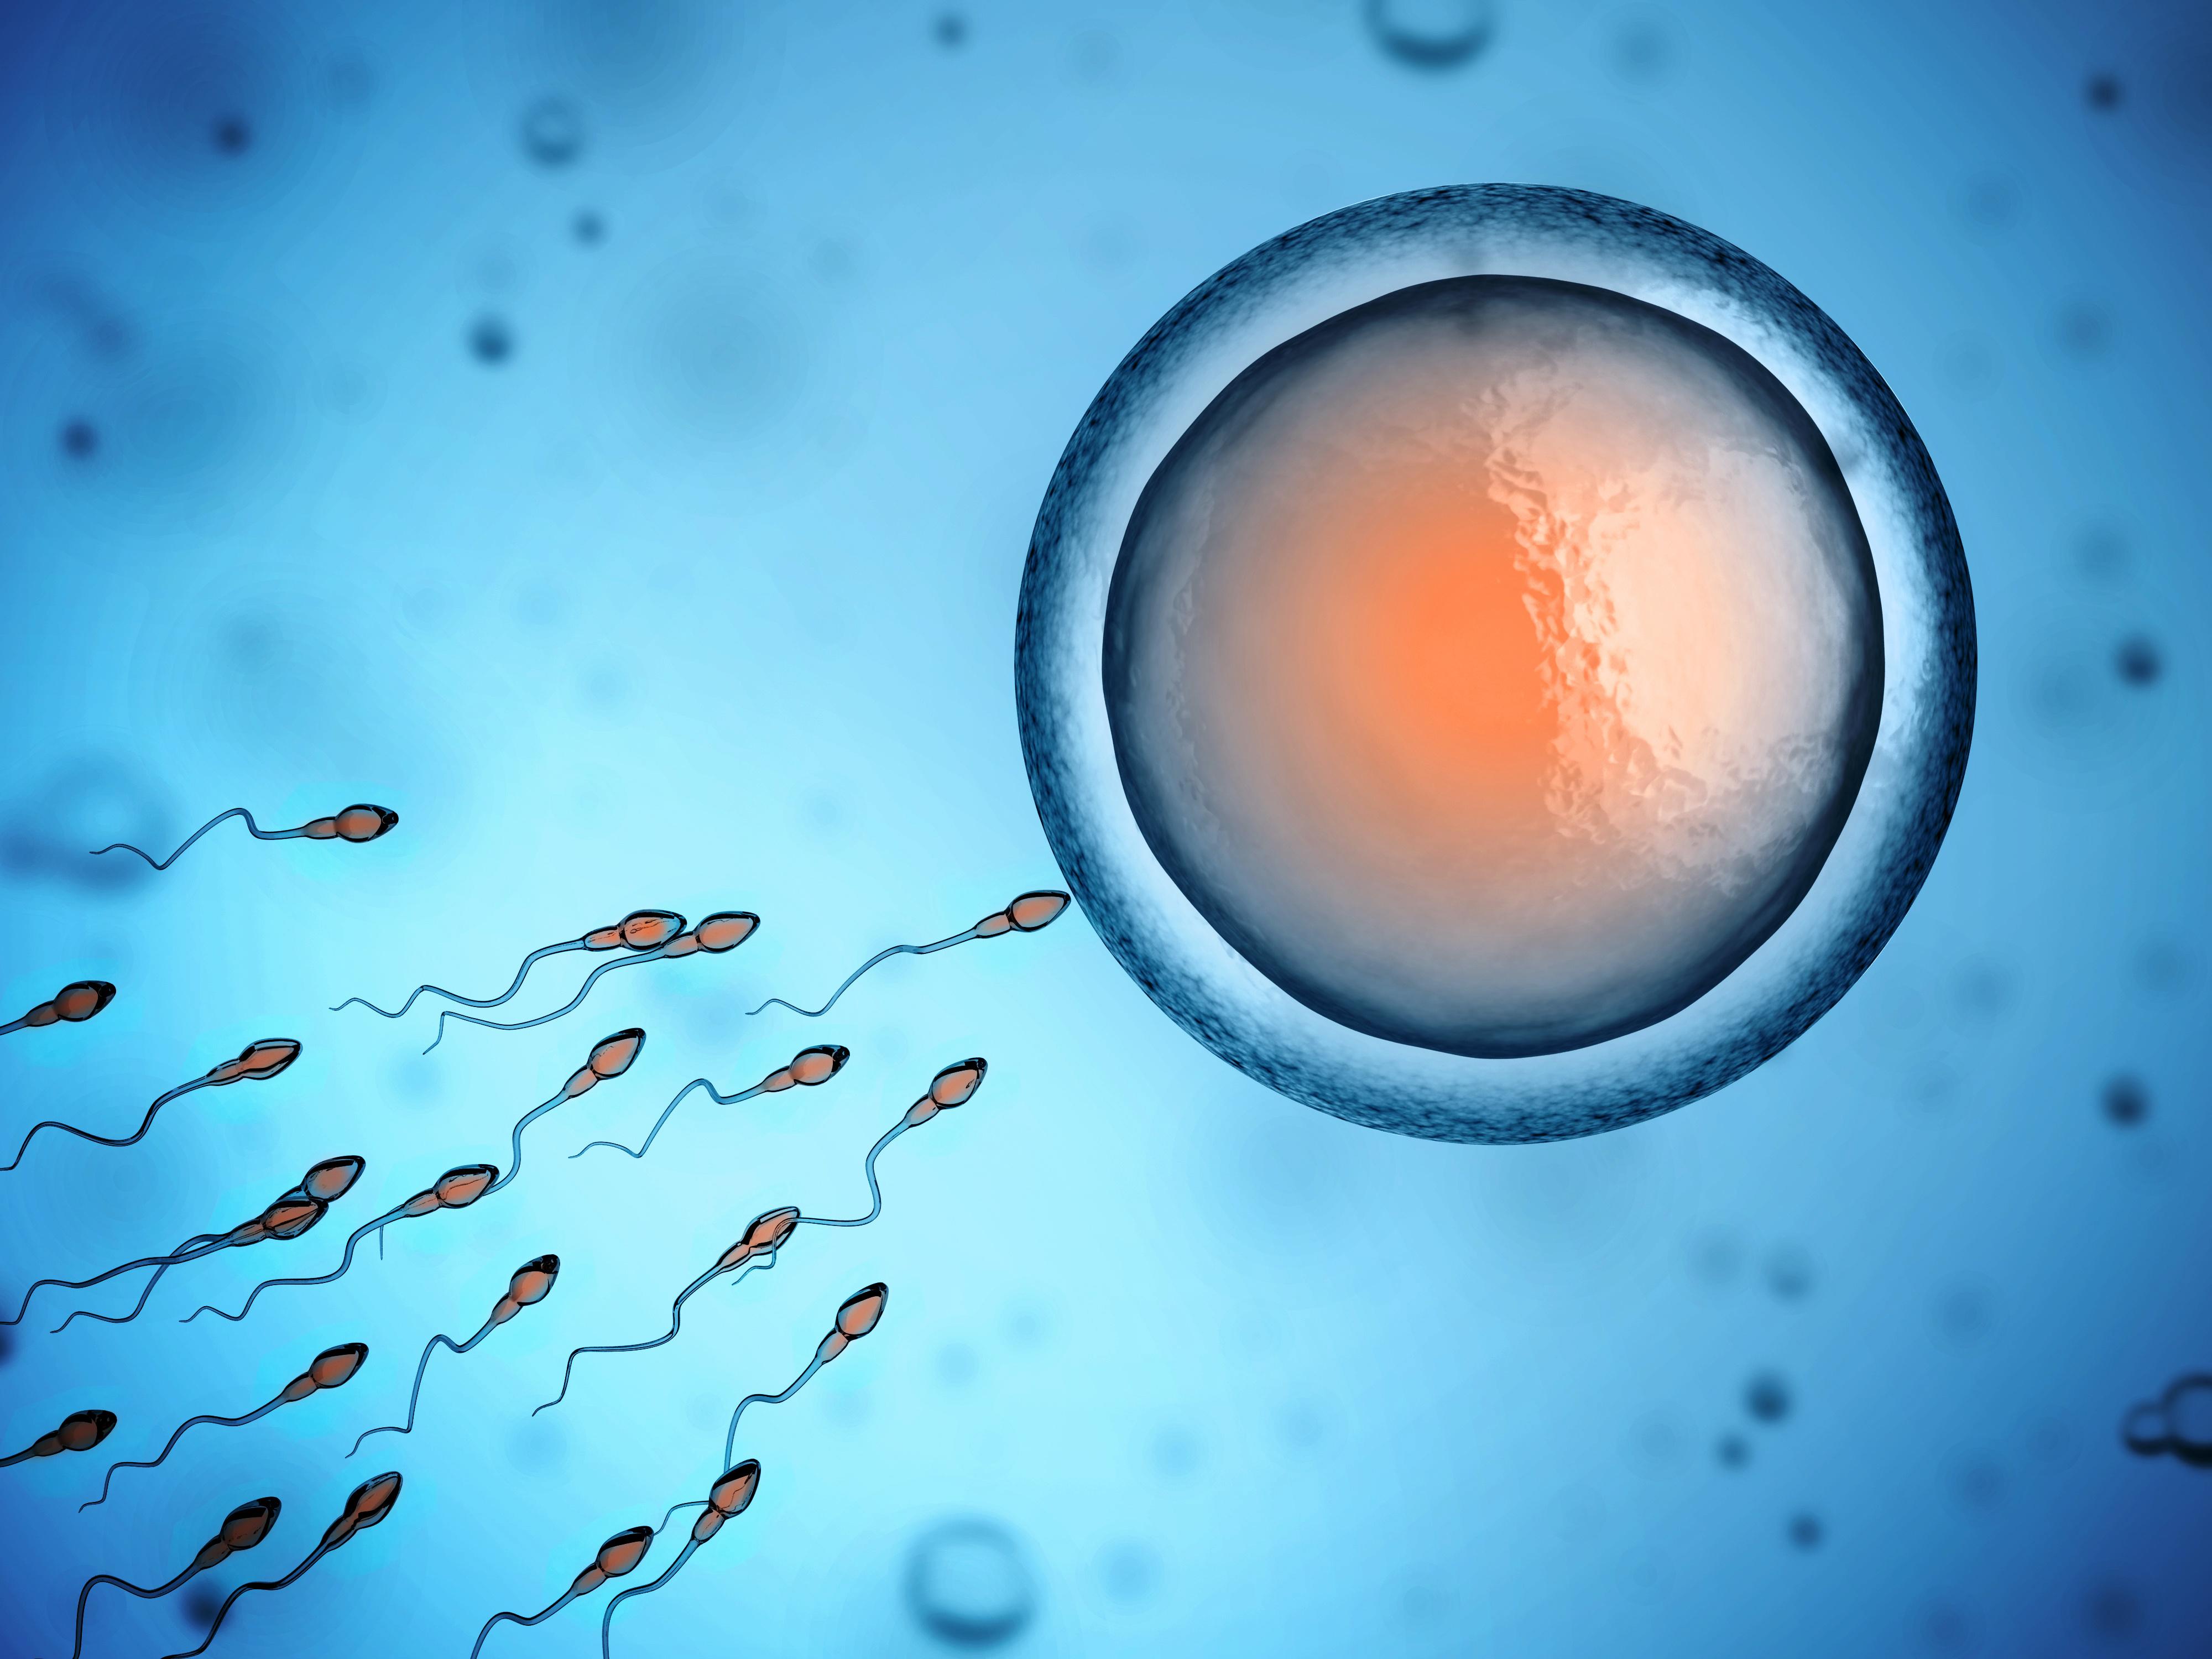 Sperma, Eizelle, Befruchtung